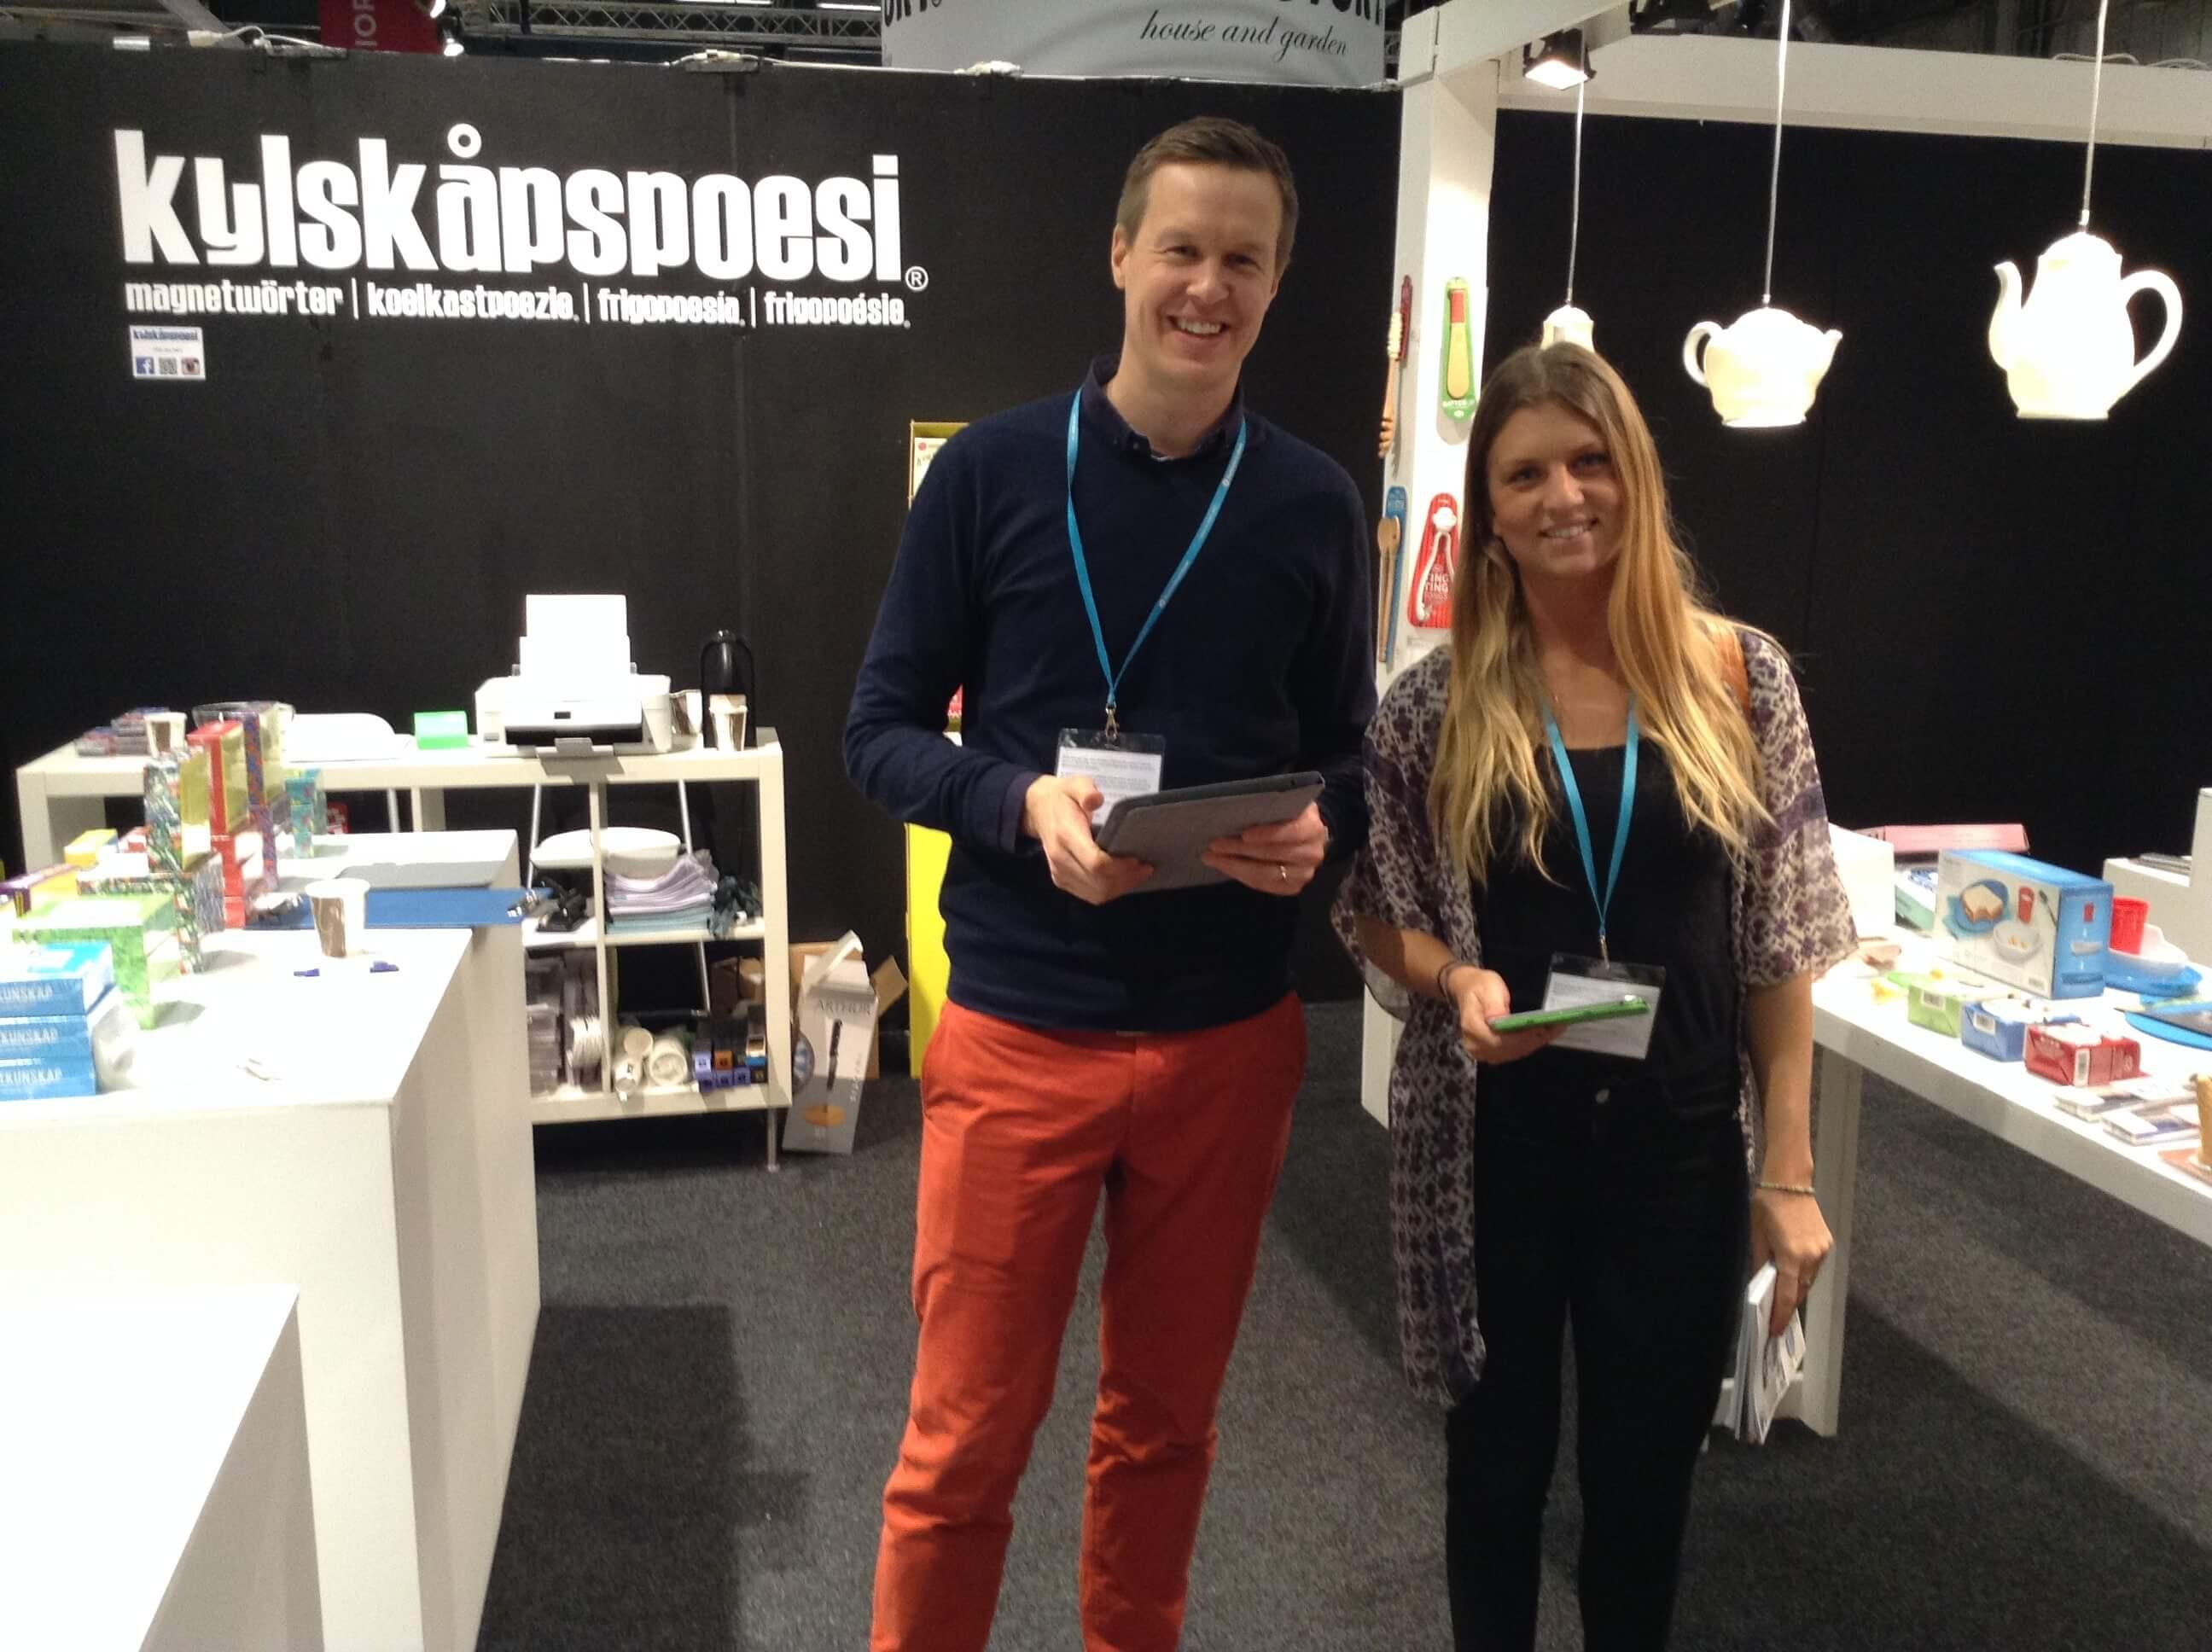 Jonas från Kylskåpspoesi och Malin från Optimizers på Formex